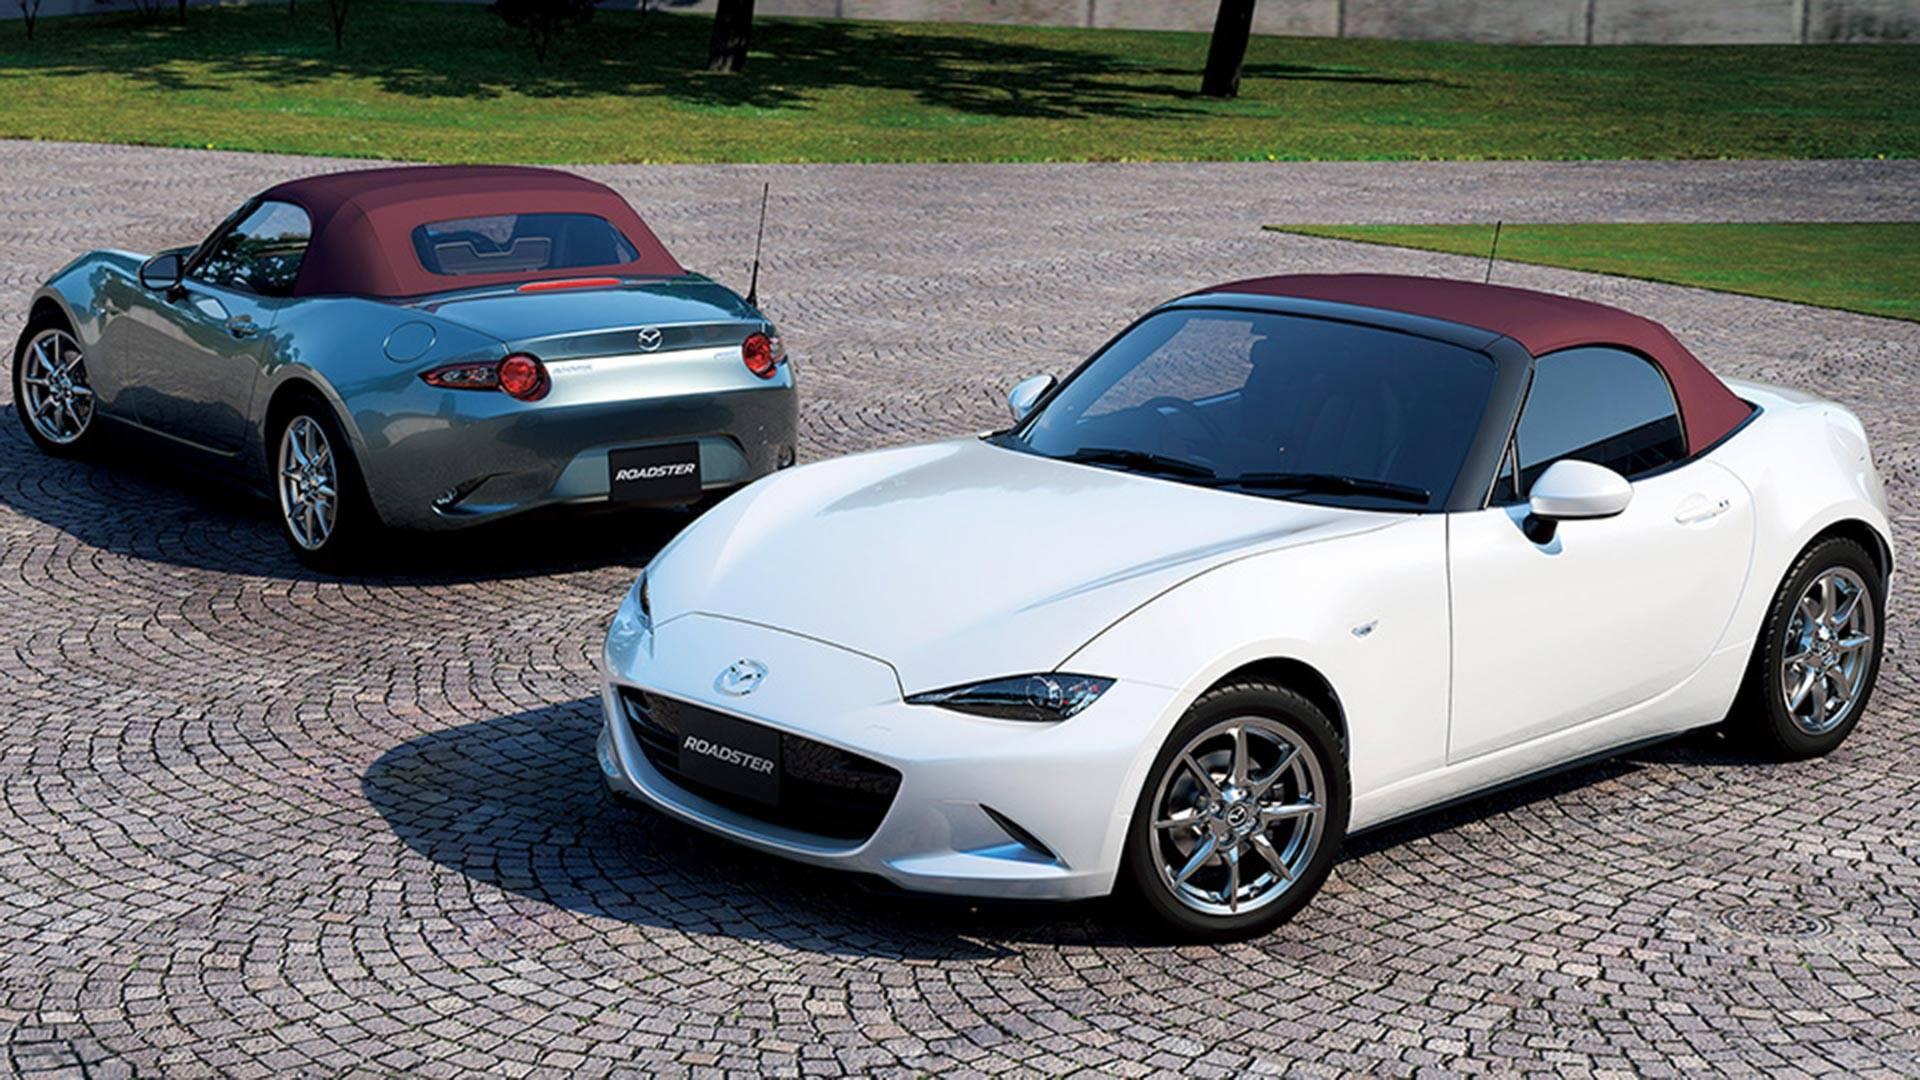 2018 Mazda Tokyo Auto Salon Lineup Motor1 Com Photos